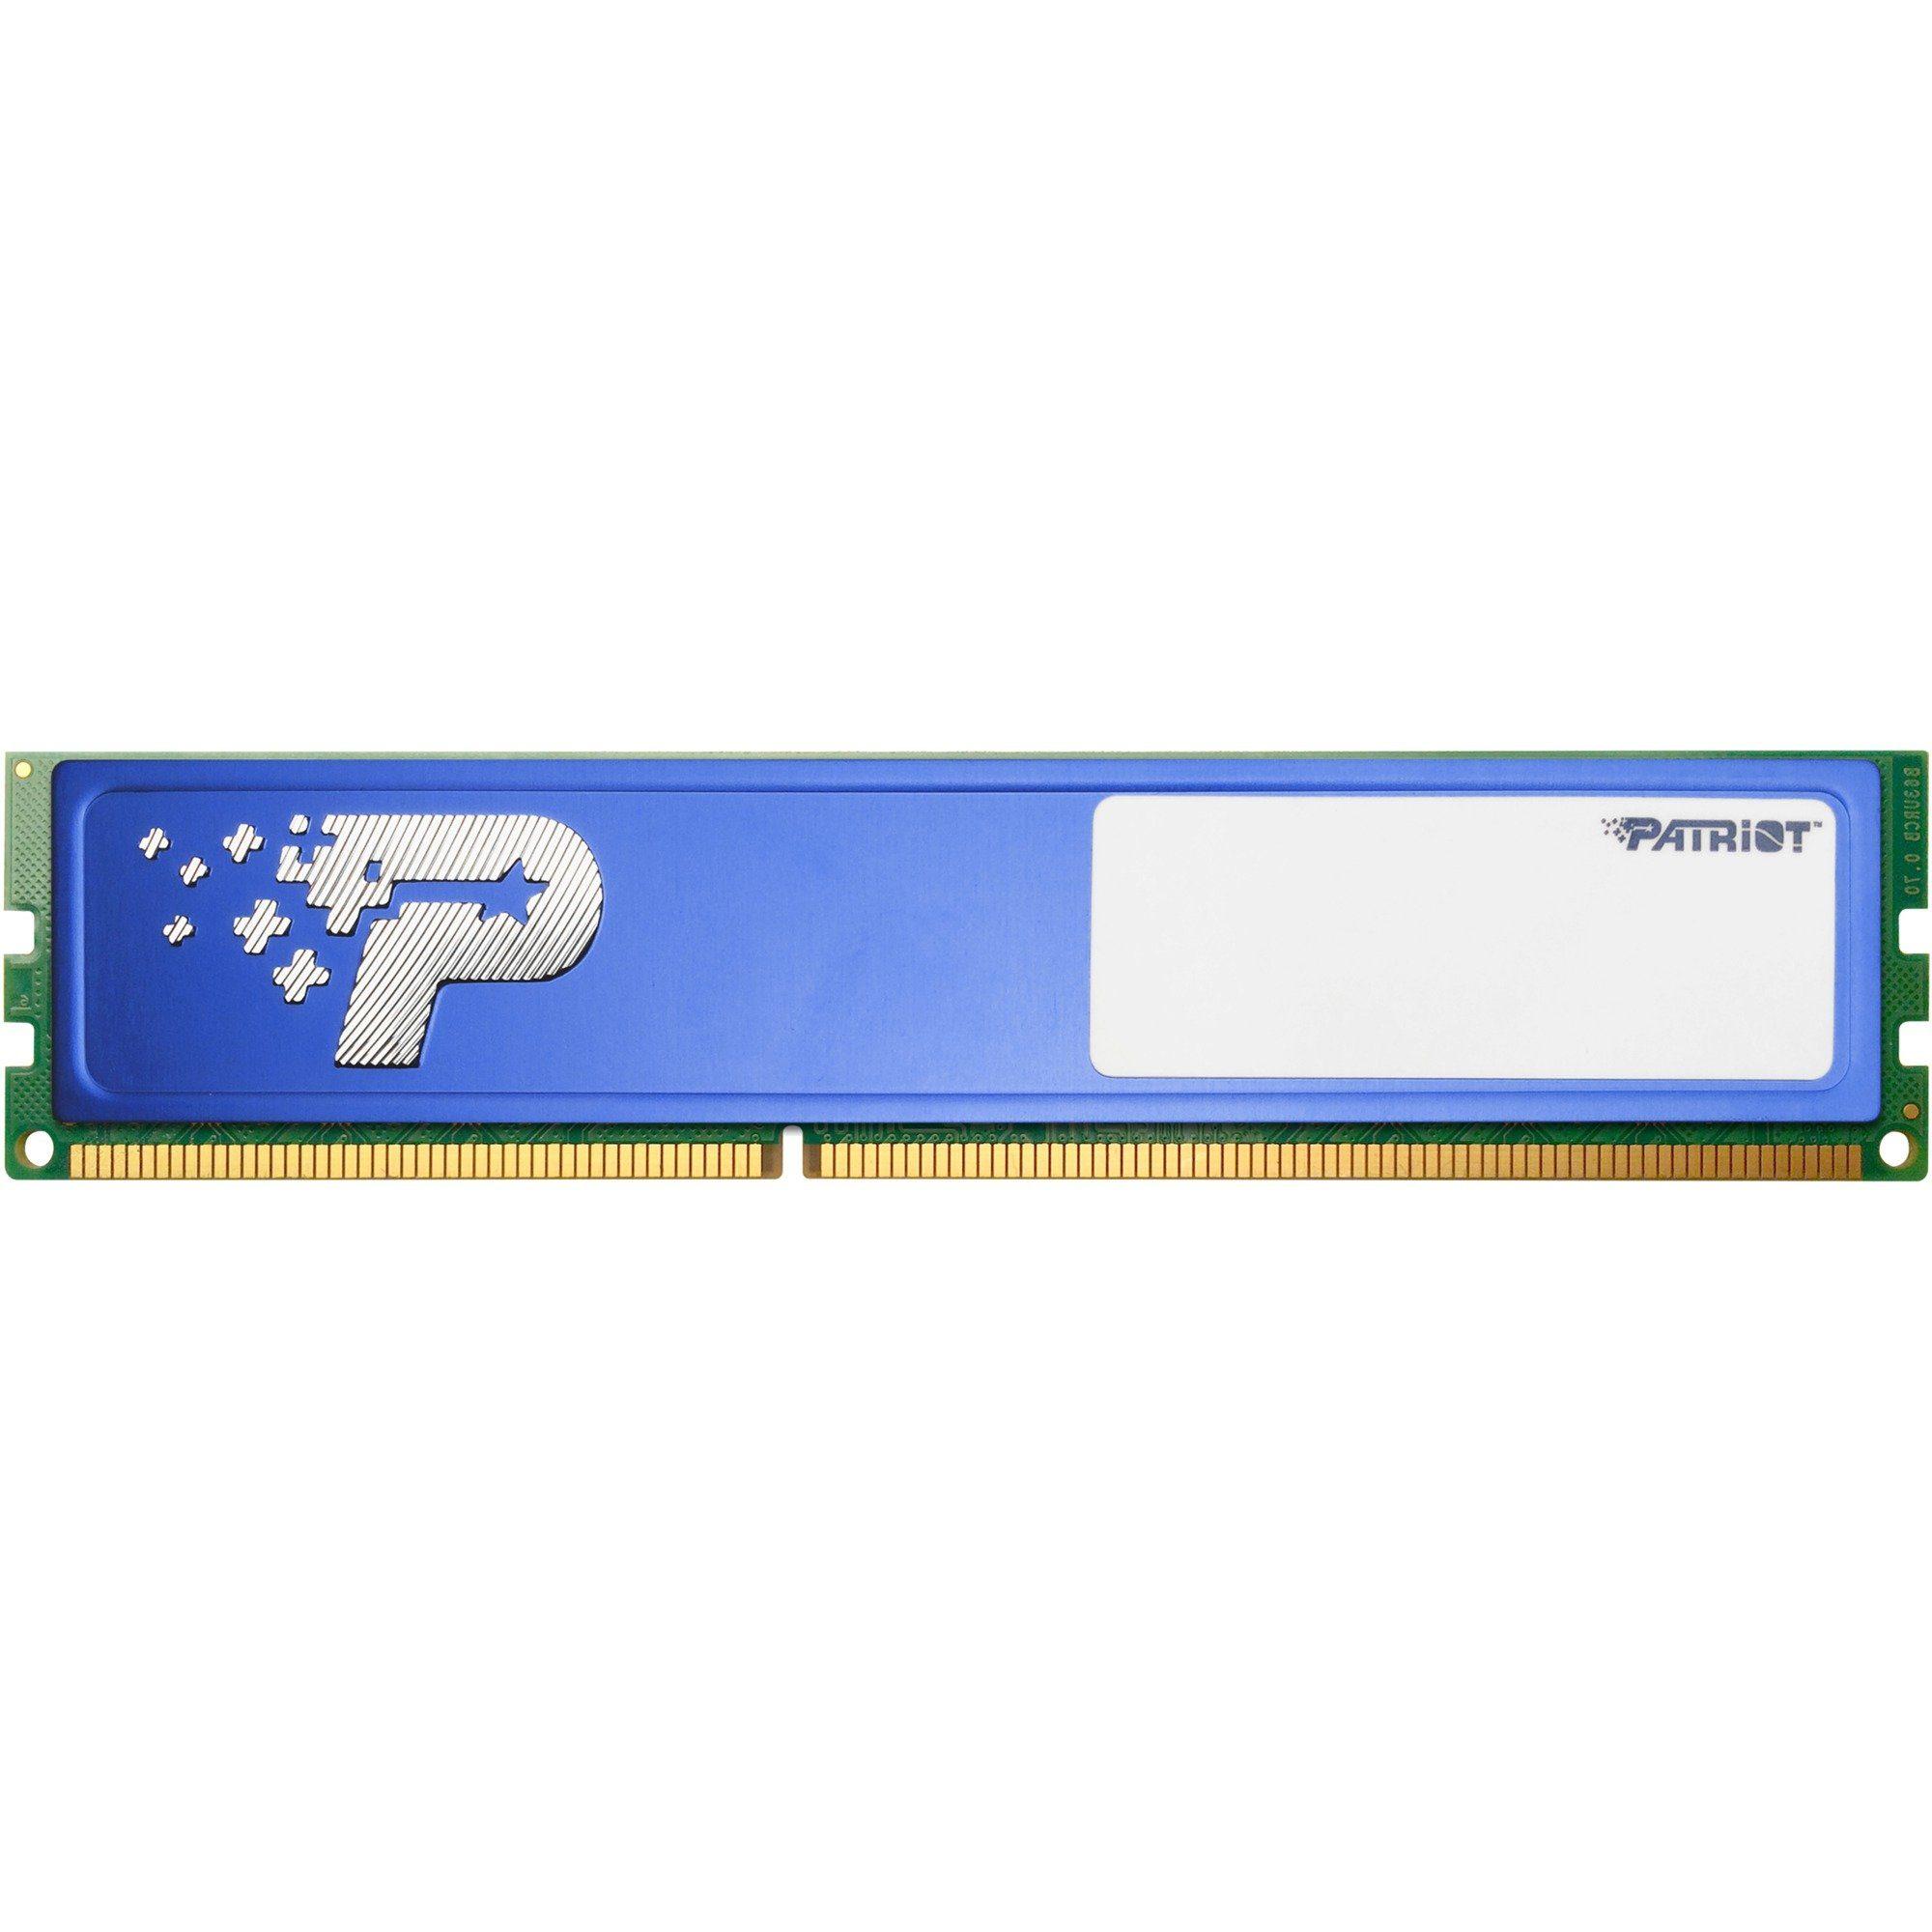 Patriot Arbeitsspeicher »DIMM 16 GB DDR4-2400, PSD416G24002H, Signature«